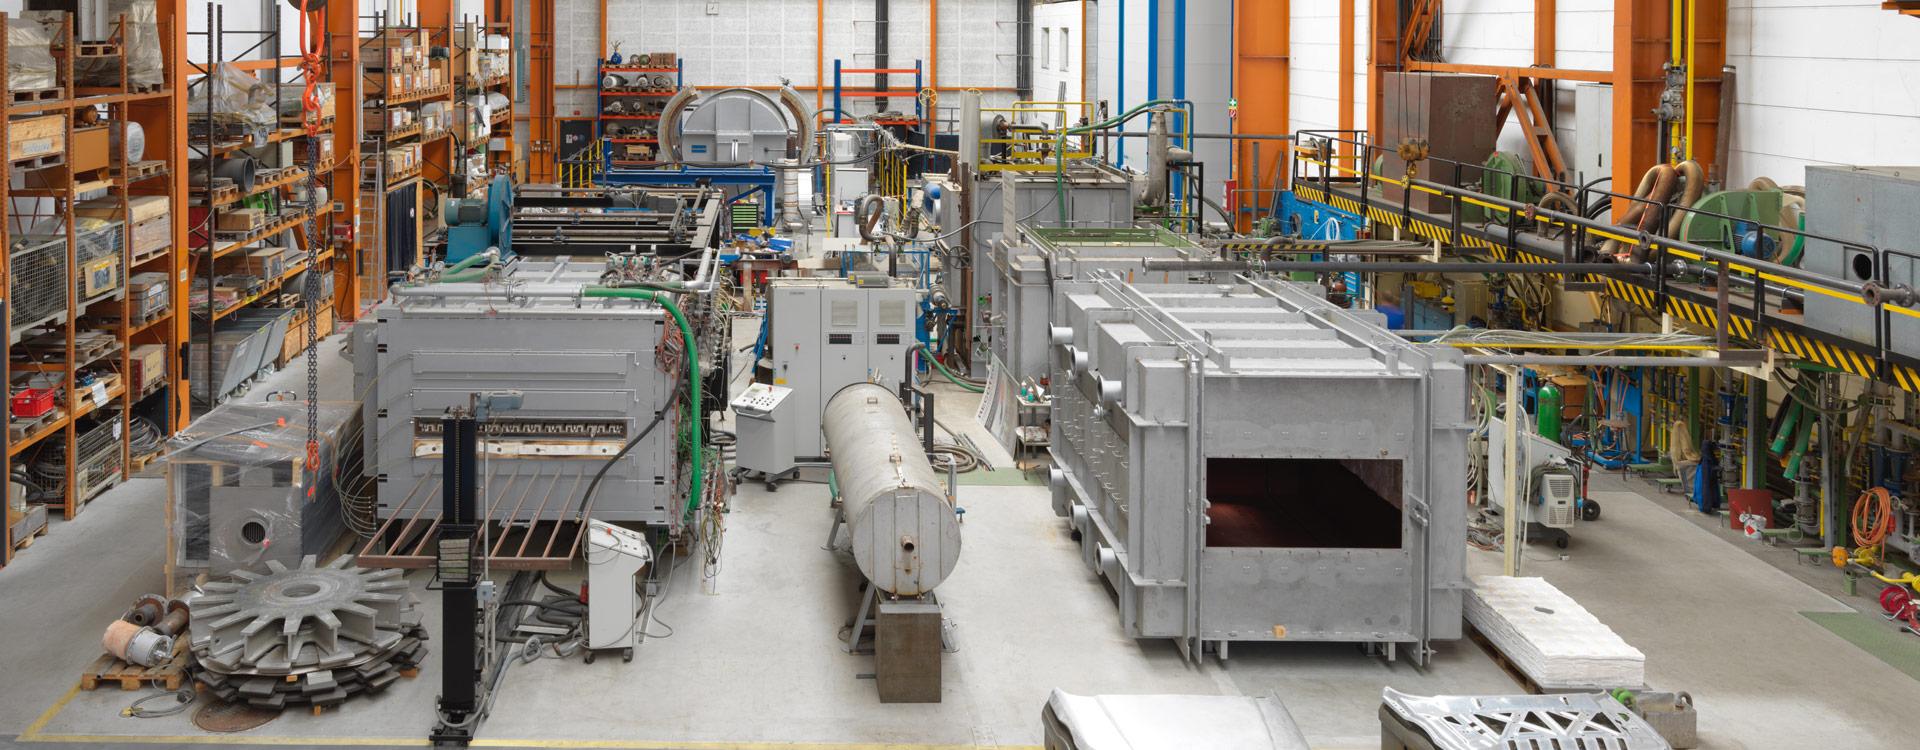 Furnace R&D - EBNER Group